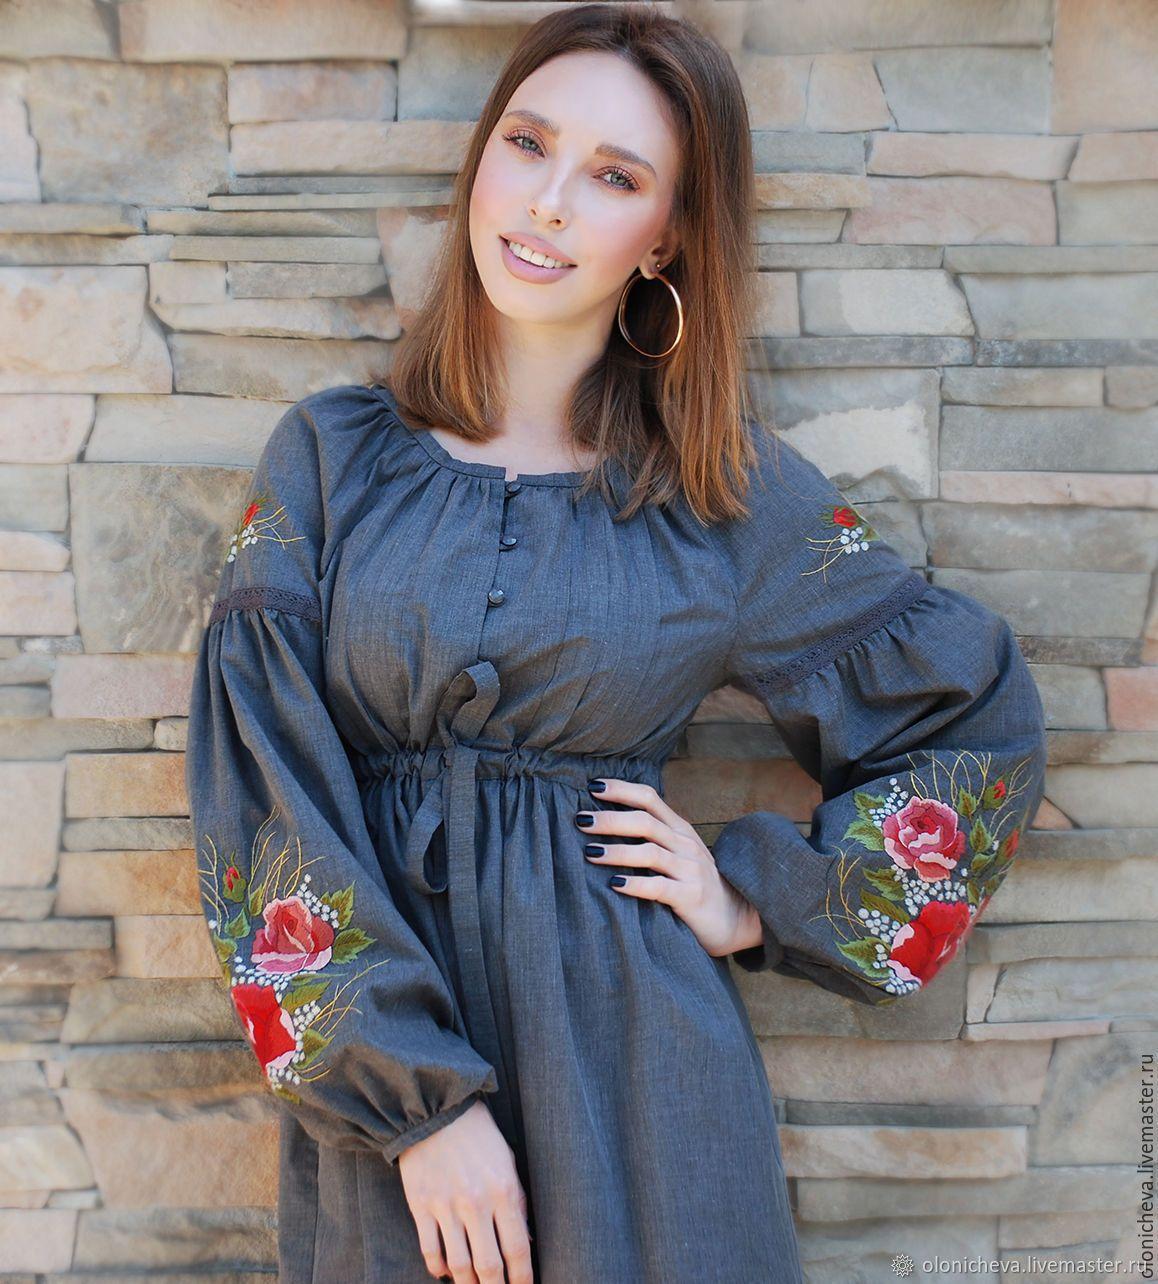 099e7f2be399 Платья ручной работы. Платье из хлопка с ручной вышивкой  Пленительные  розы  вышитое платье